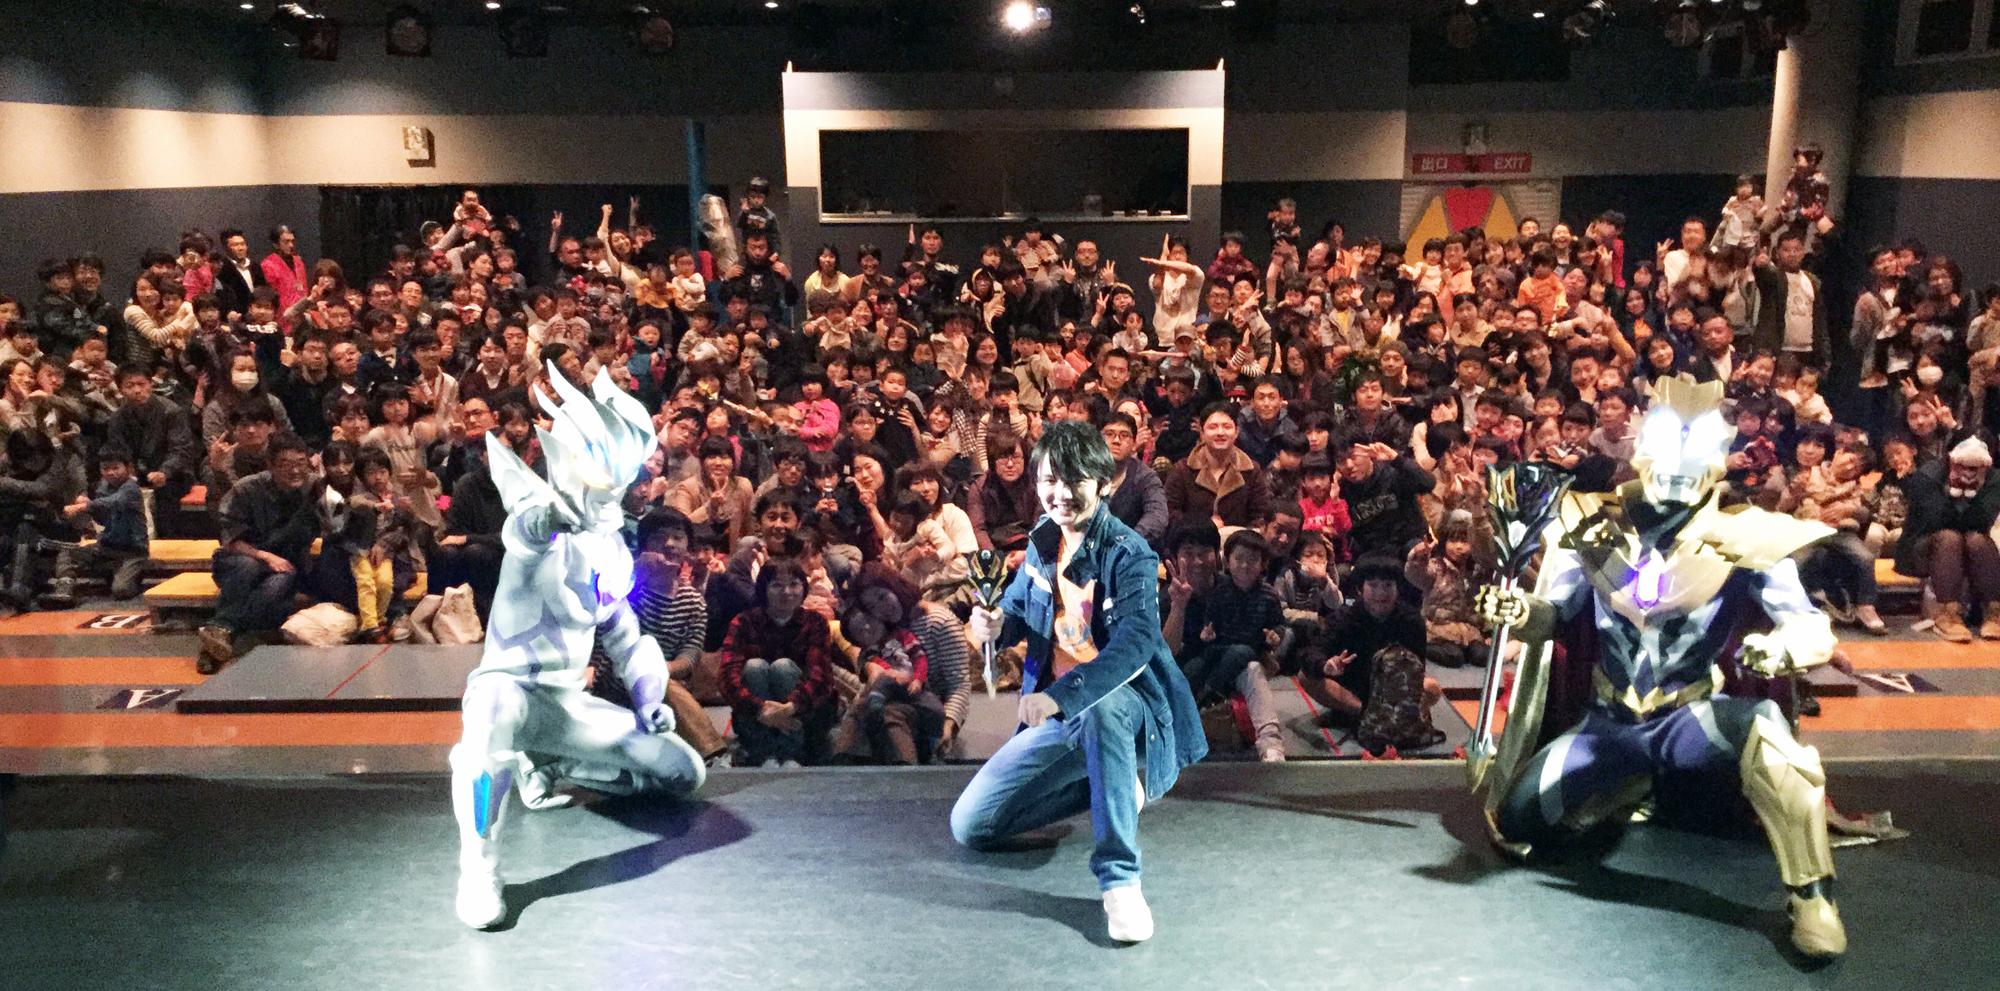 【ジード】さあ3連休!リクは愛知~兵庫~大阪・レイトは千葉へ!!